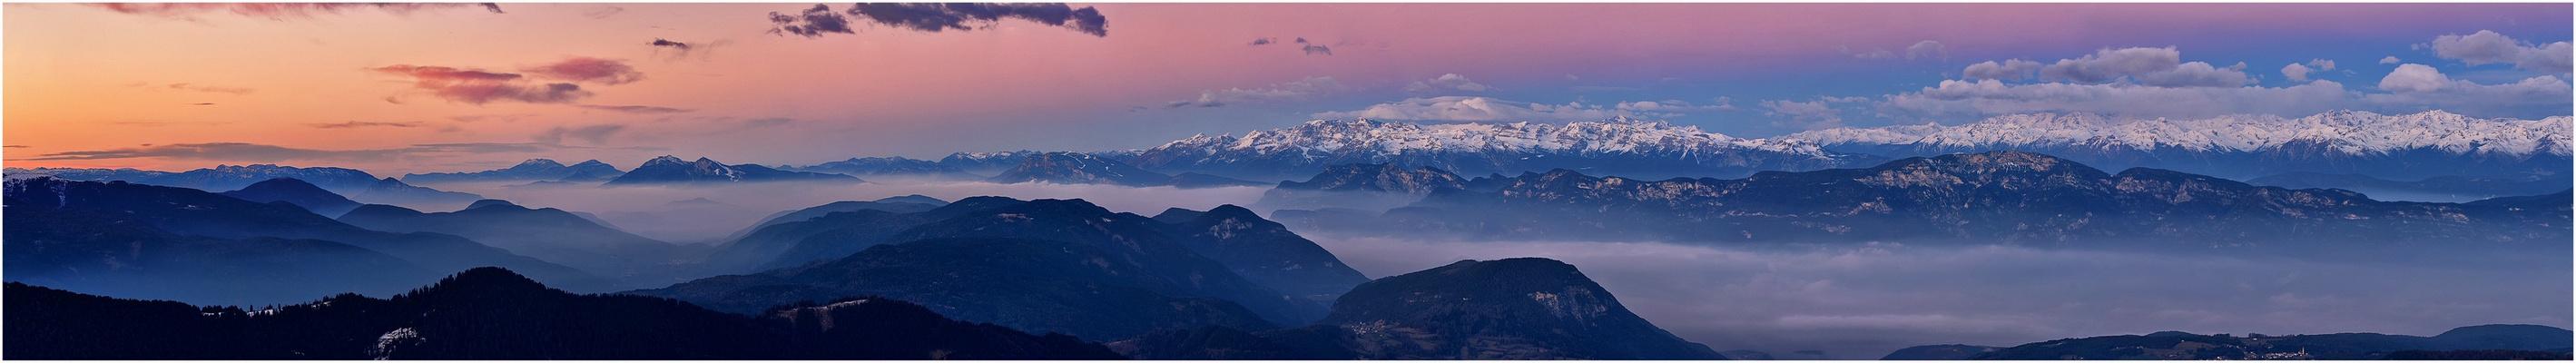 Morgenstimmungen in den Bergen